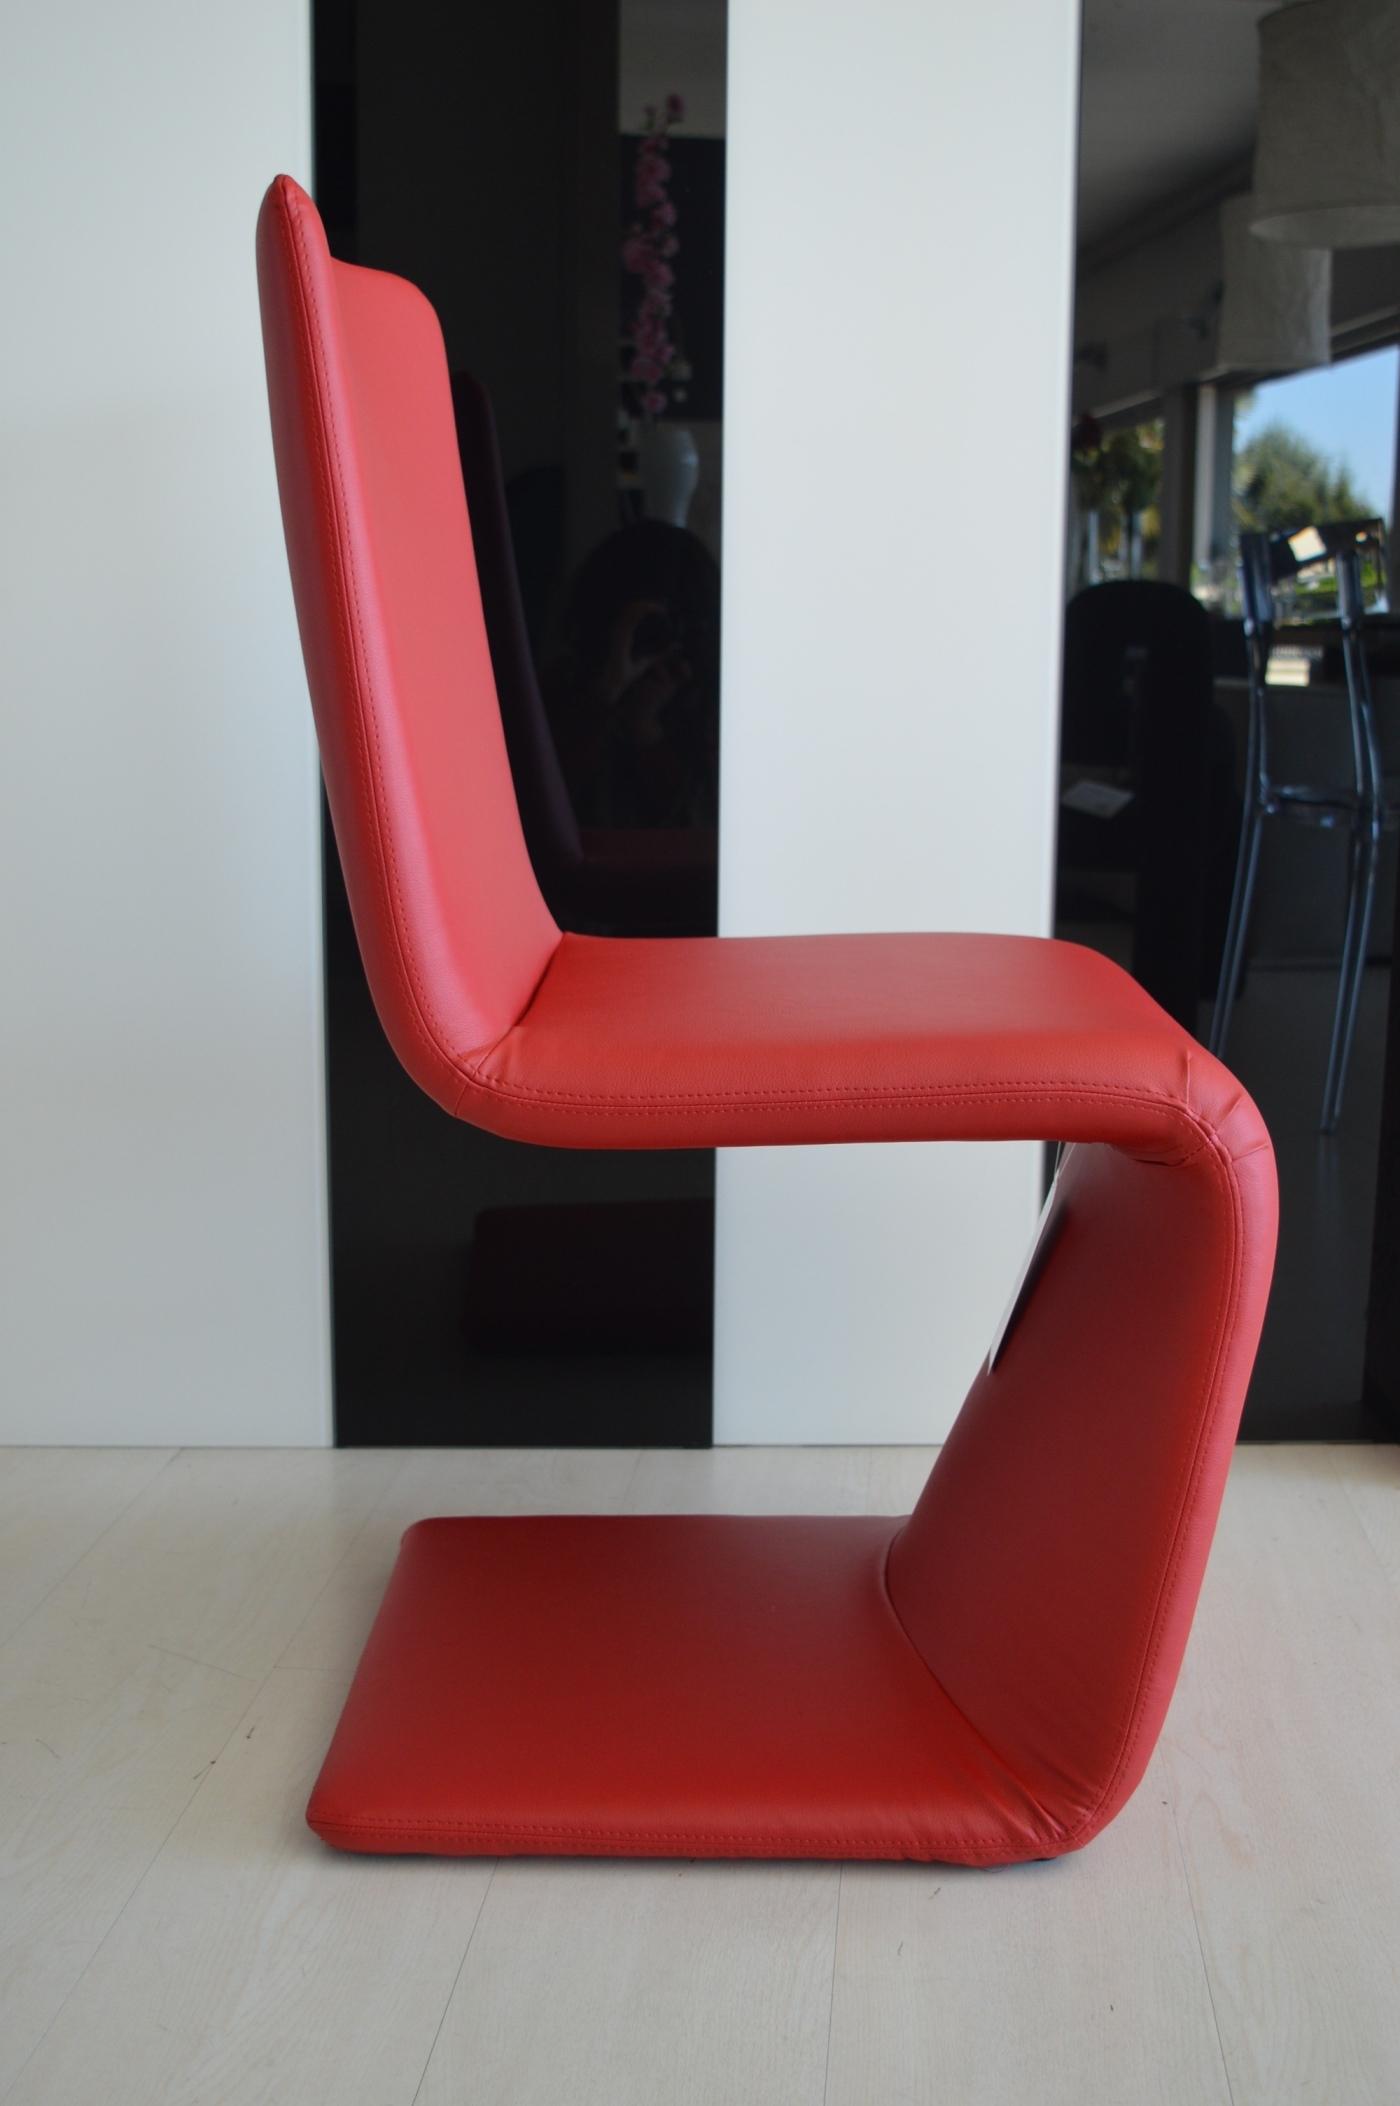 Bonaldo sedia venere scontato del se a prezzi scontati